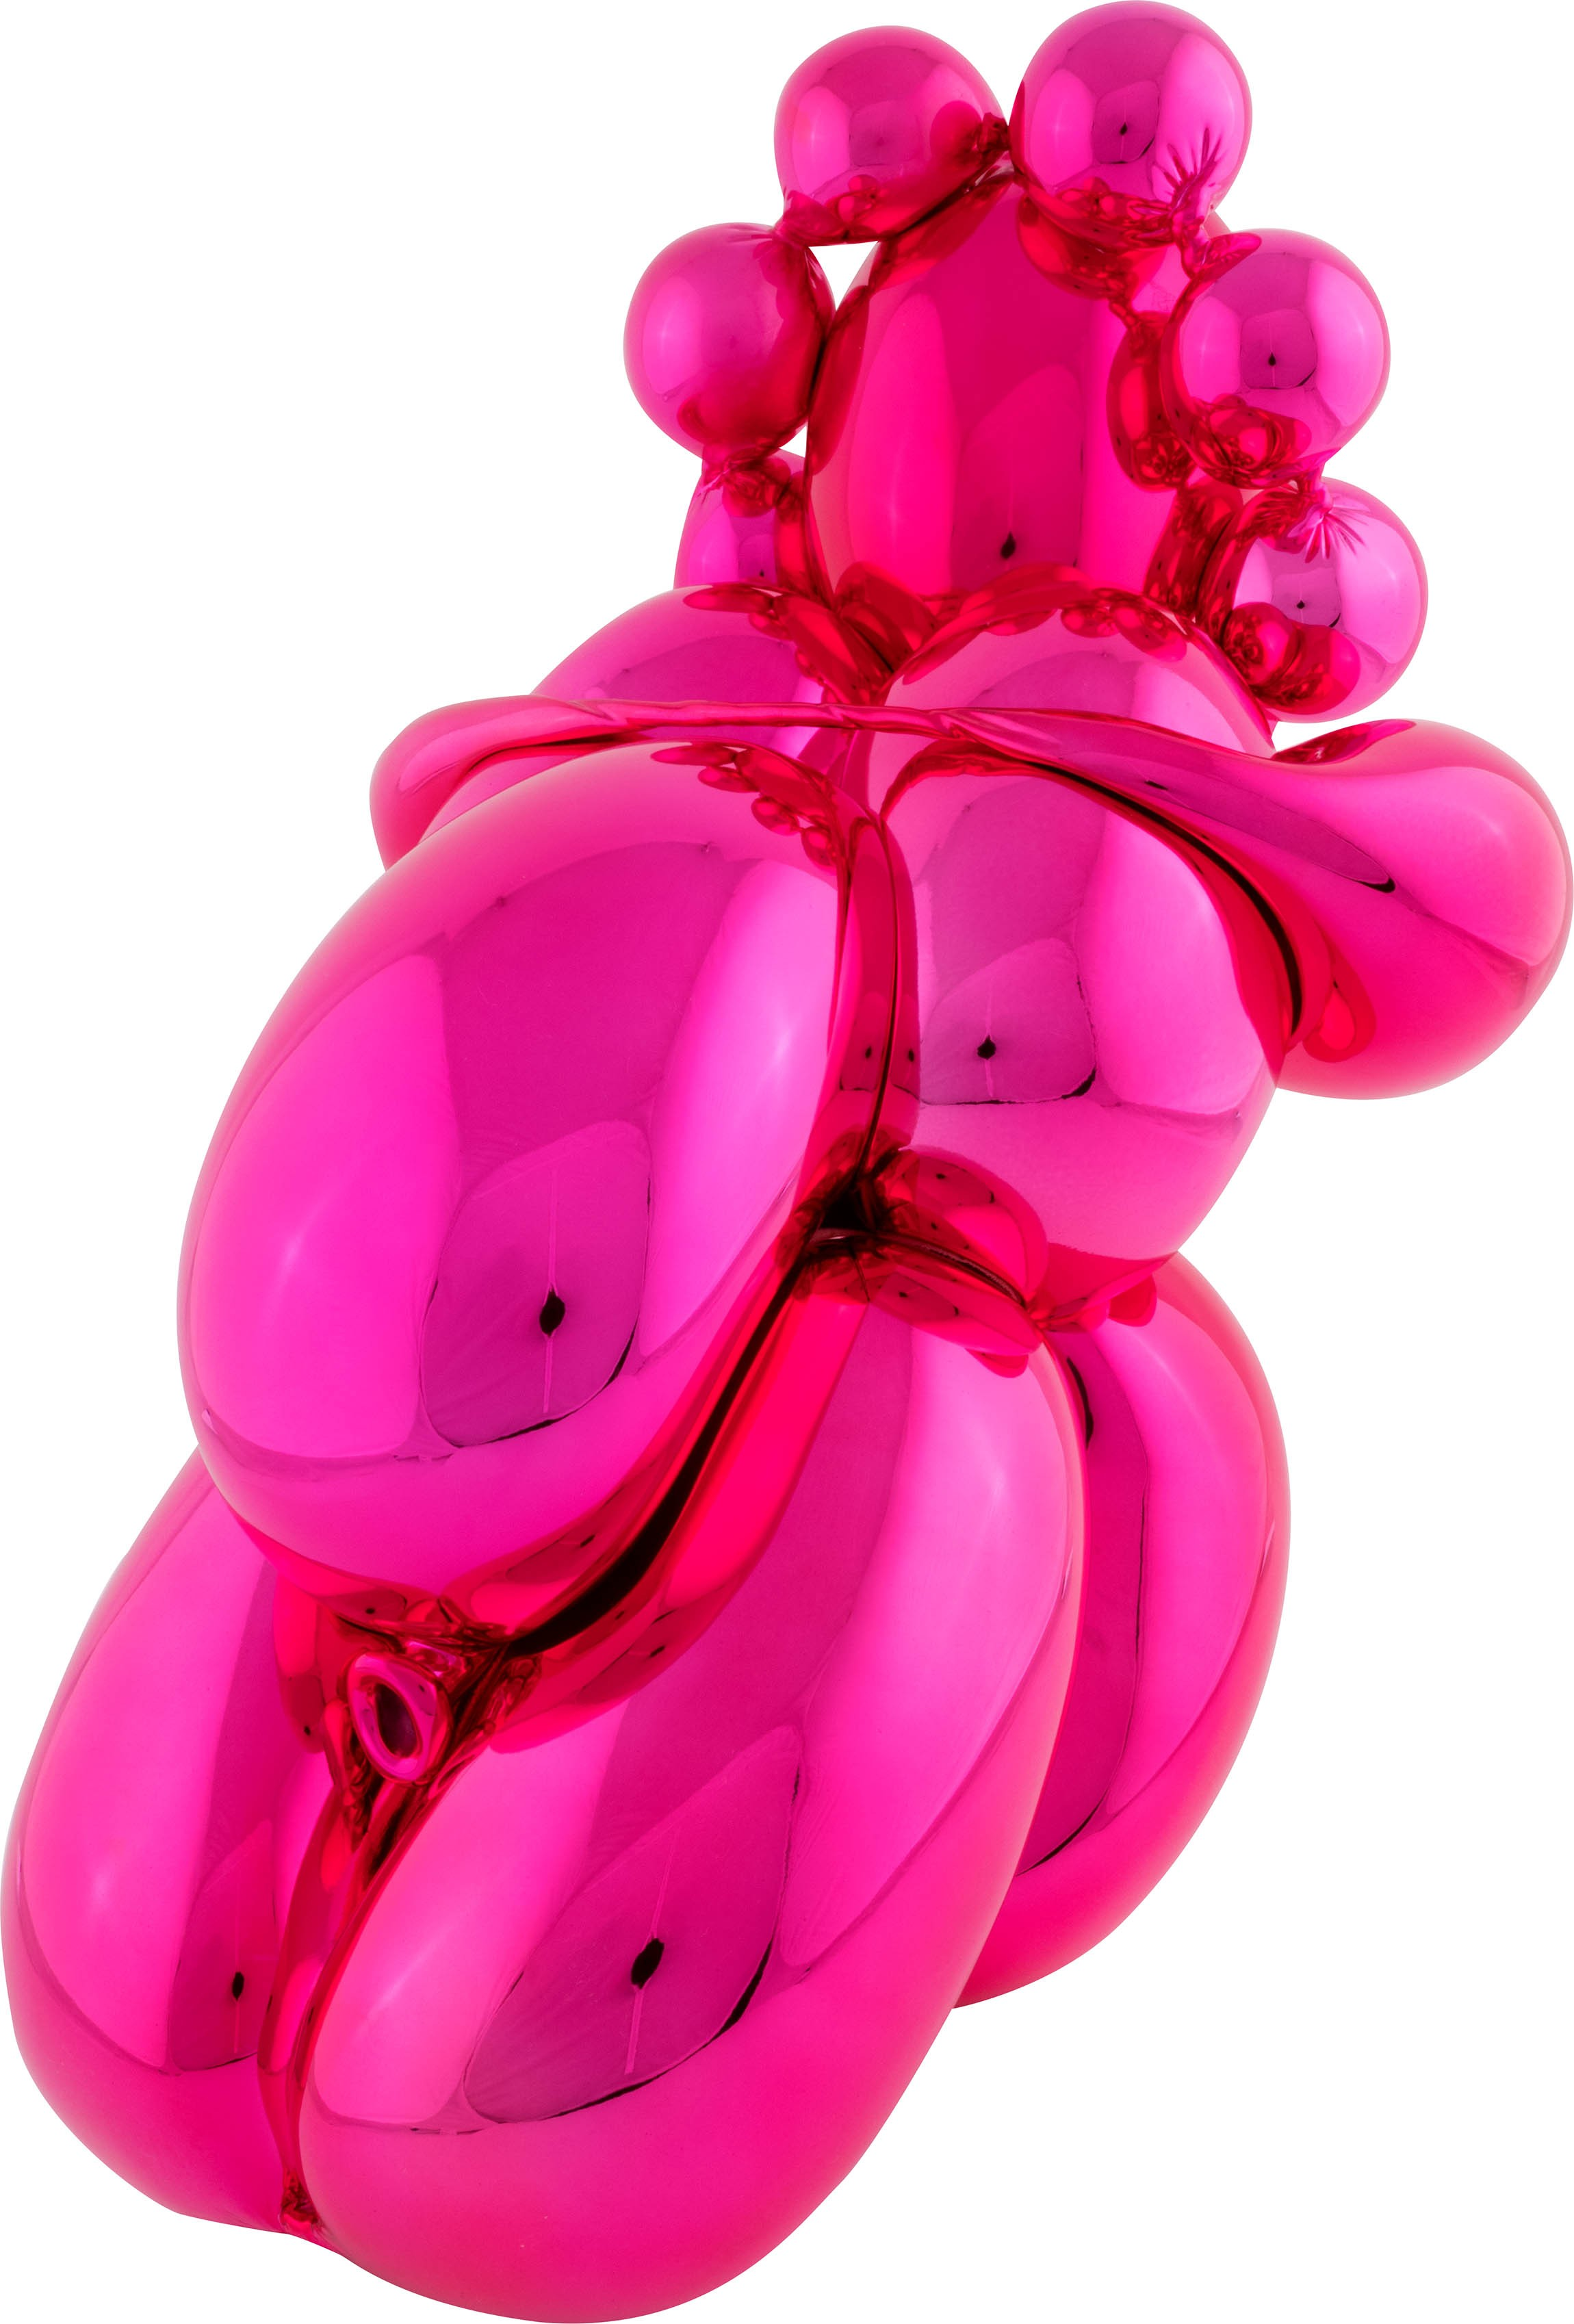 Balloon Venus